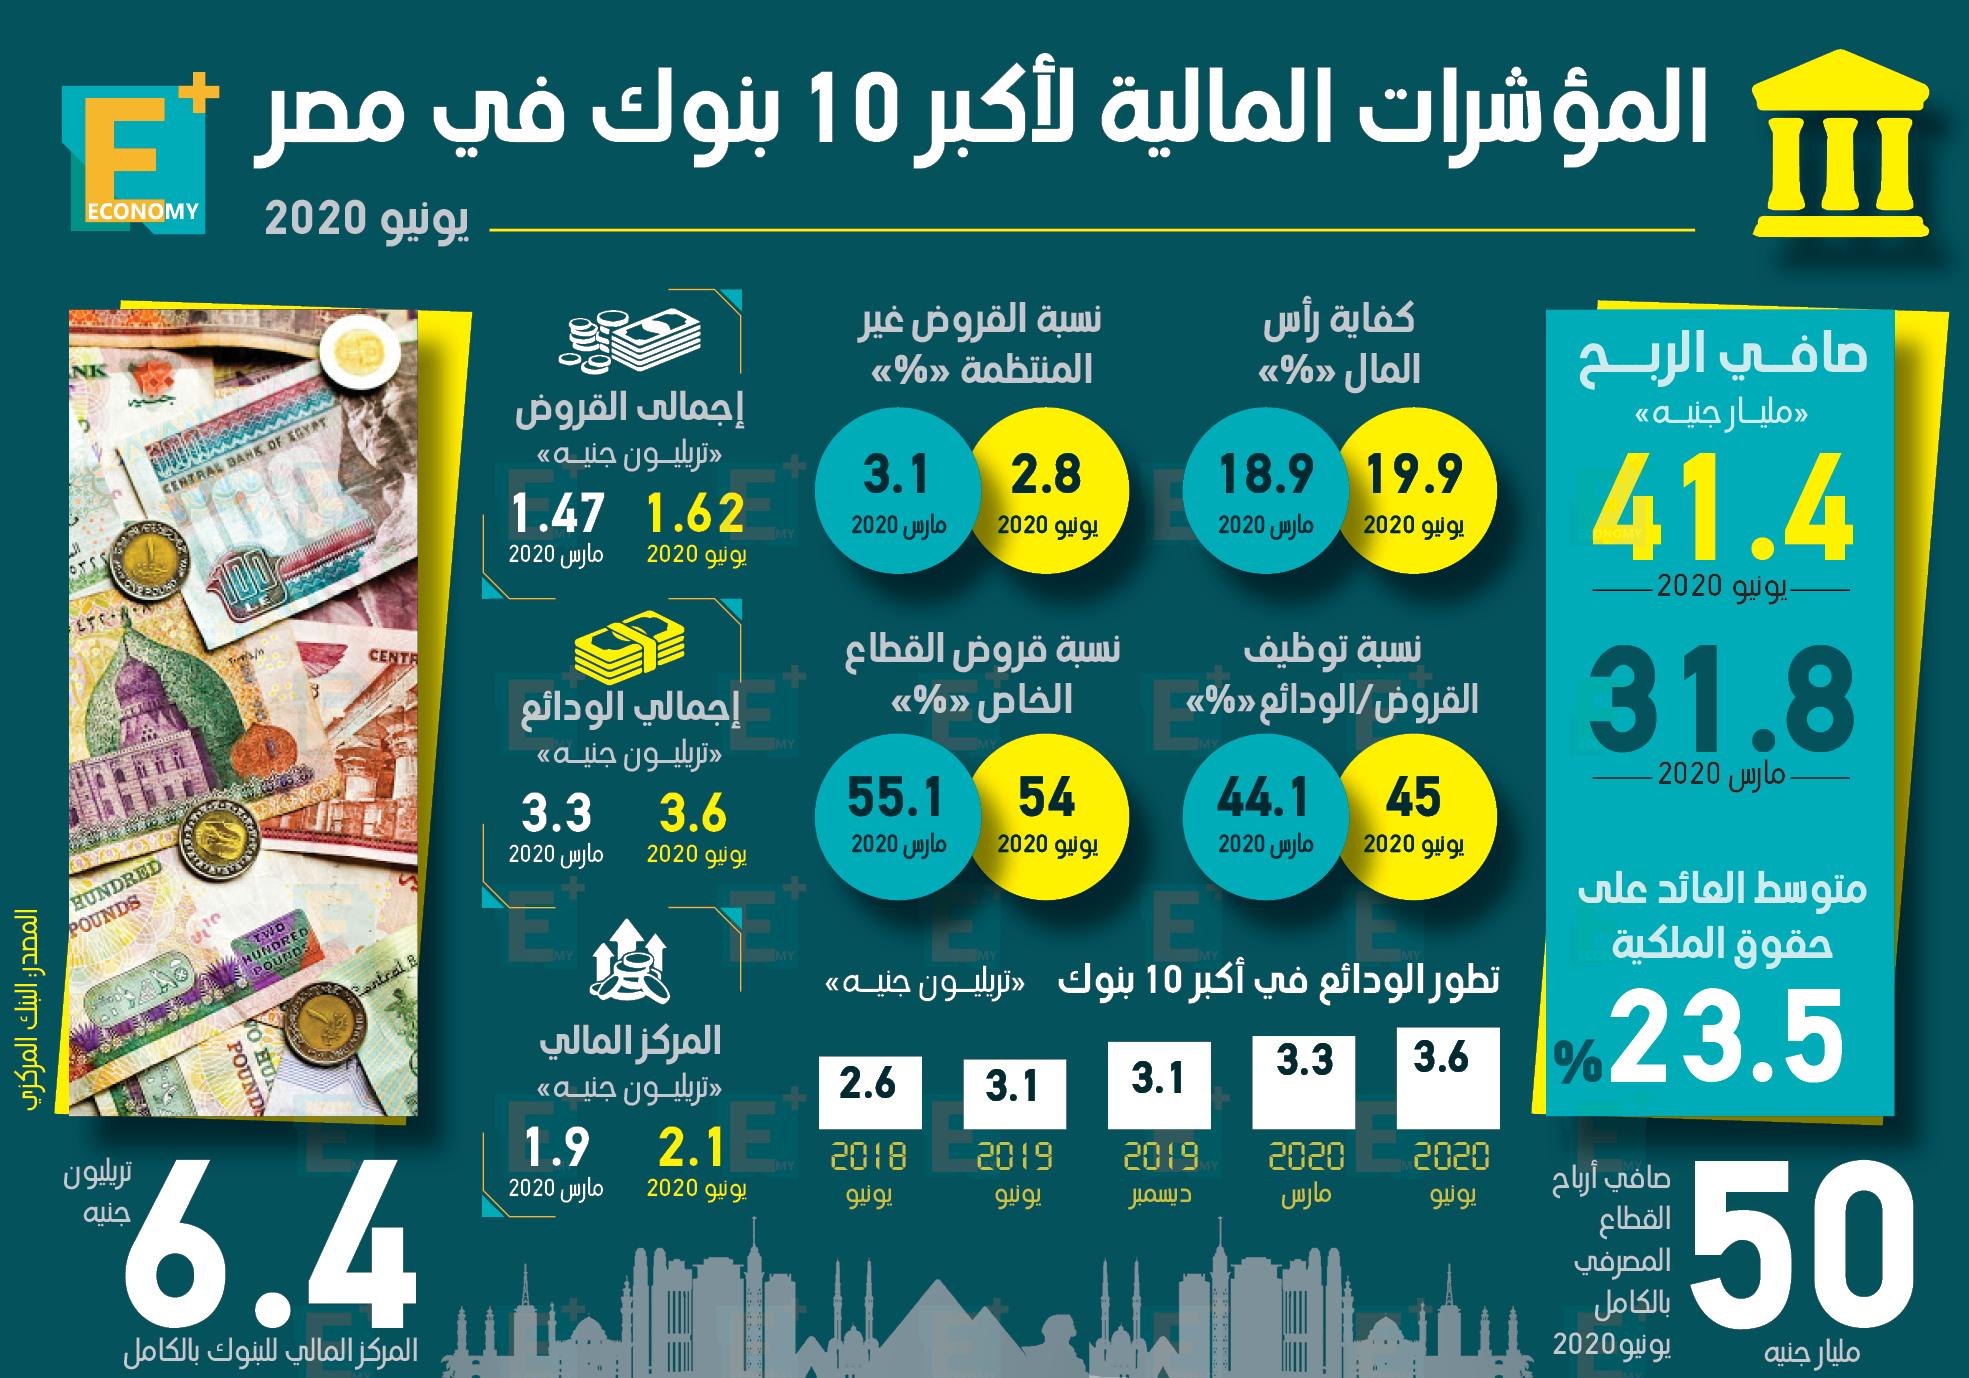 المؤشرات المالية لأكبر 10 بنوك في مصر